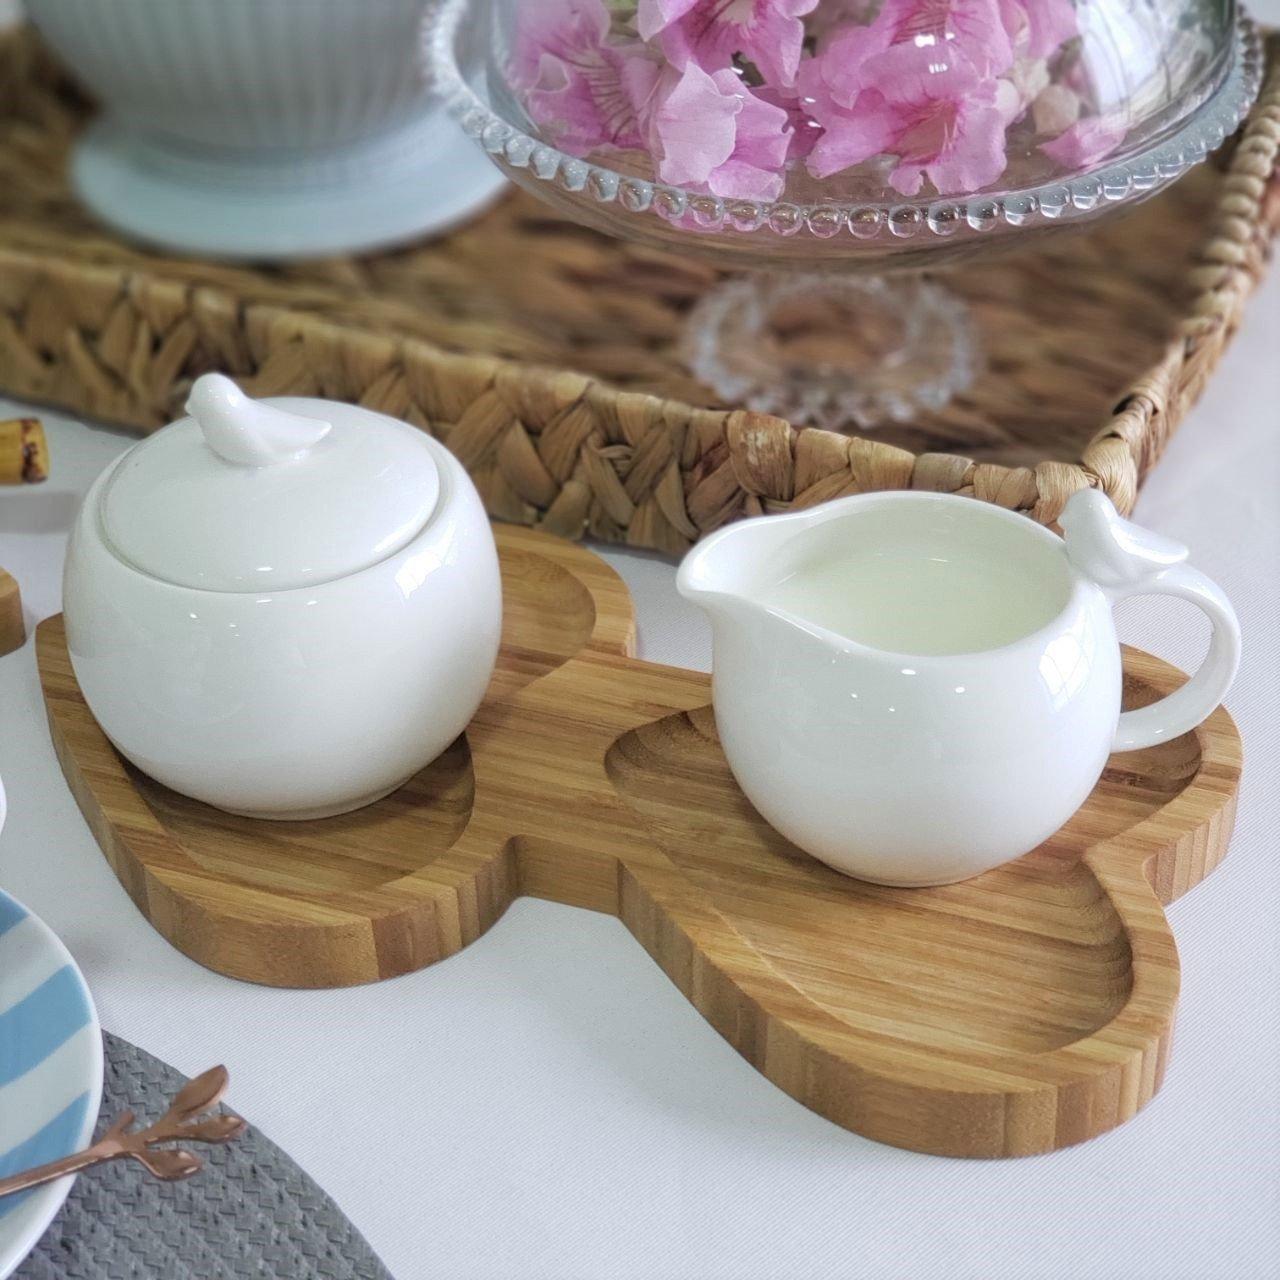 tabua para servir coracao duplo bambu 25x14cm casa cafe e mel 1